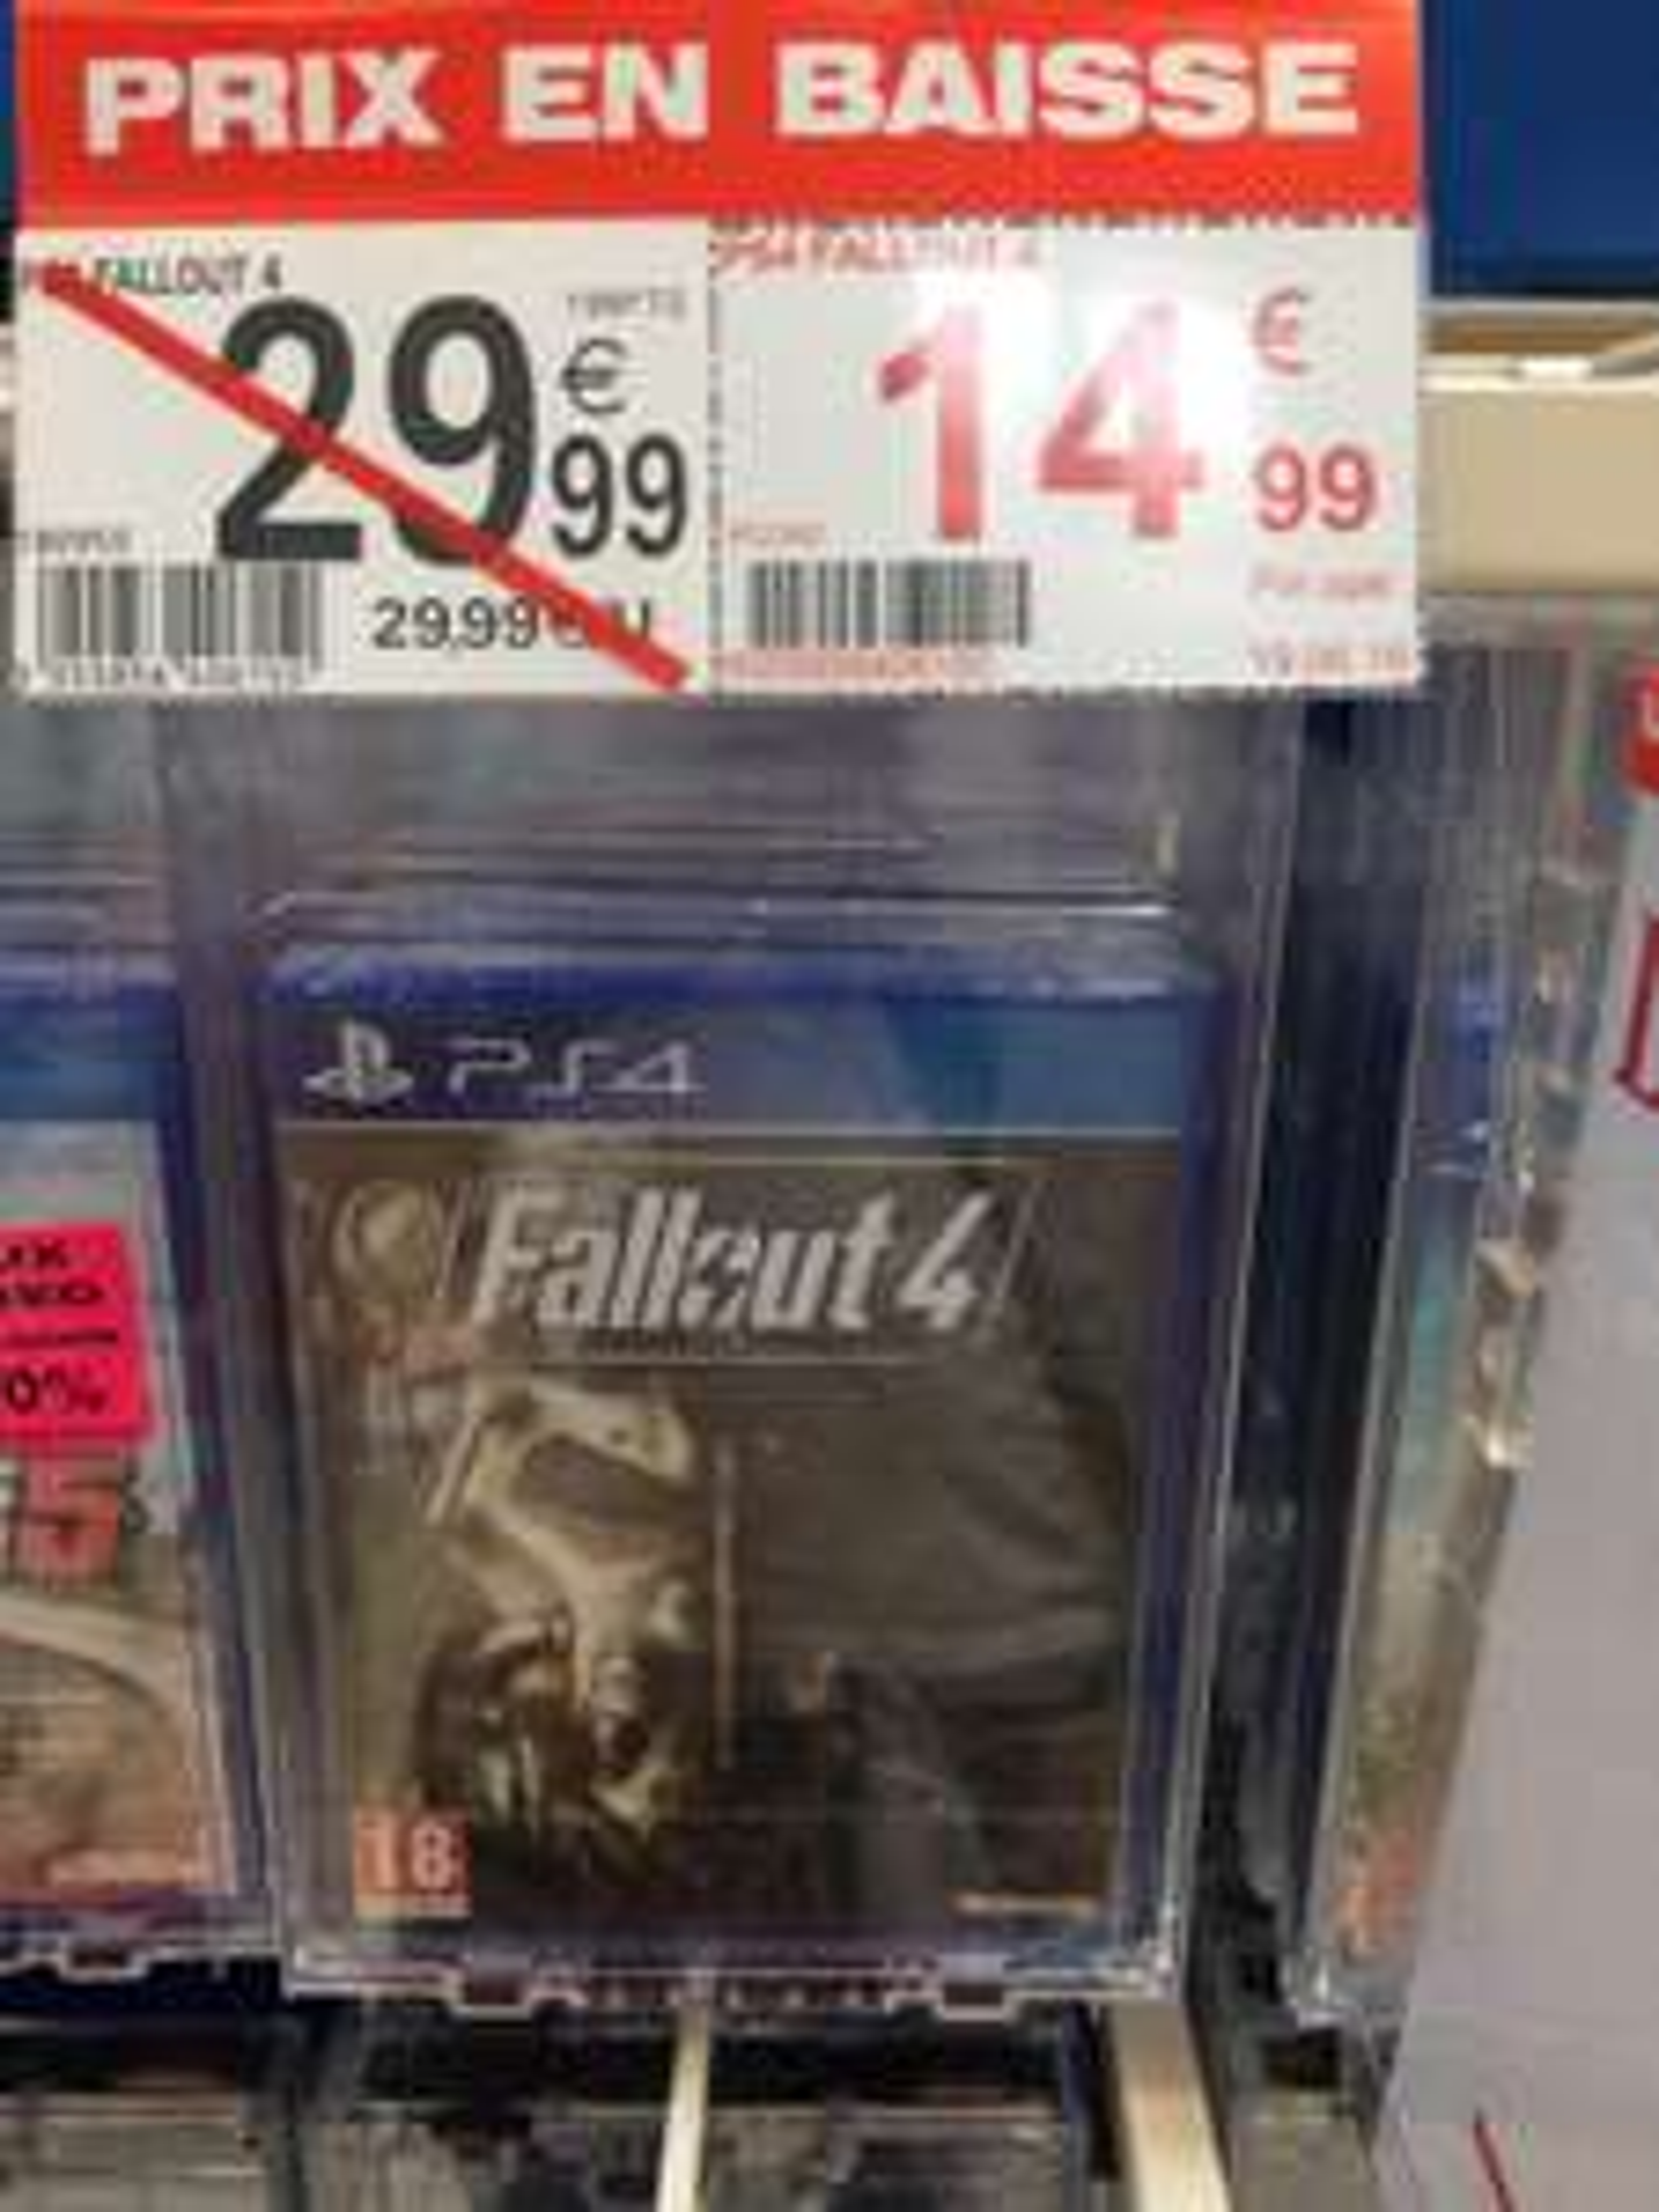 Jeu Fallout 4 sur PS4